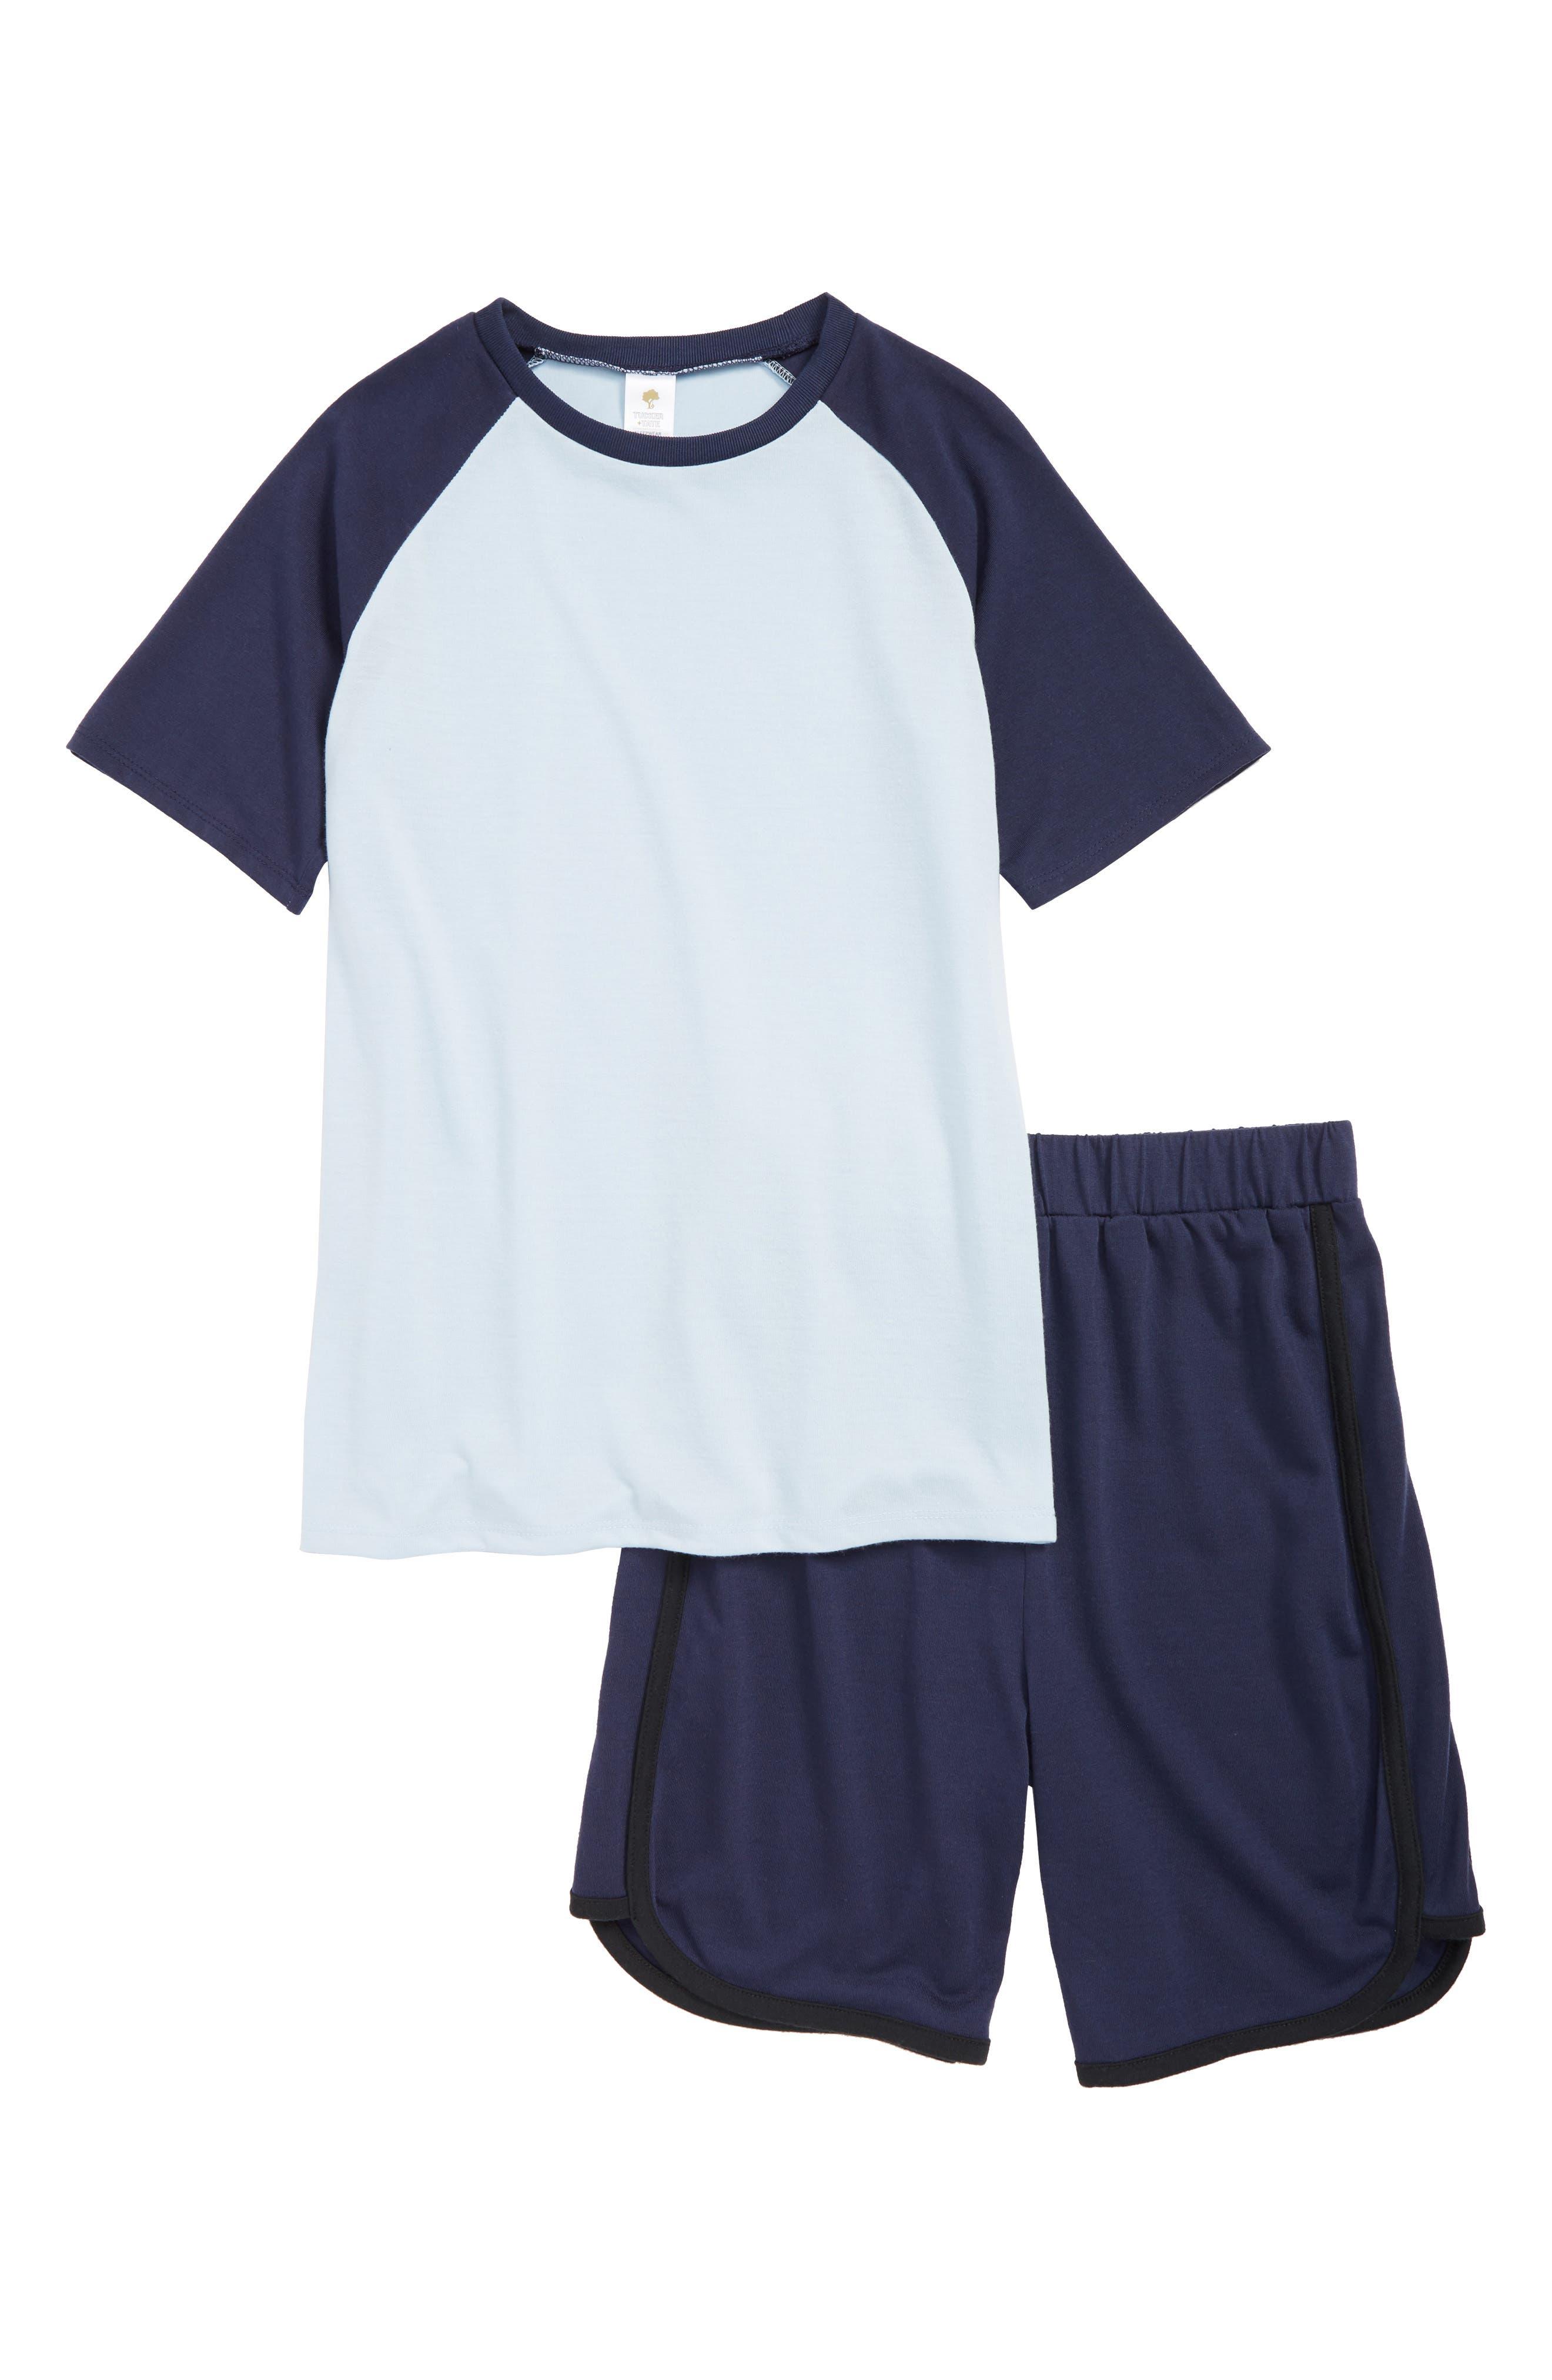 TUCKER + TATE Sporty Top & Shorts Set, Main, color, NAVY PEACOAT